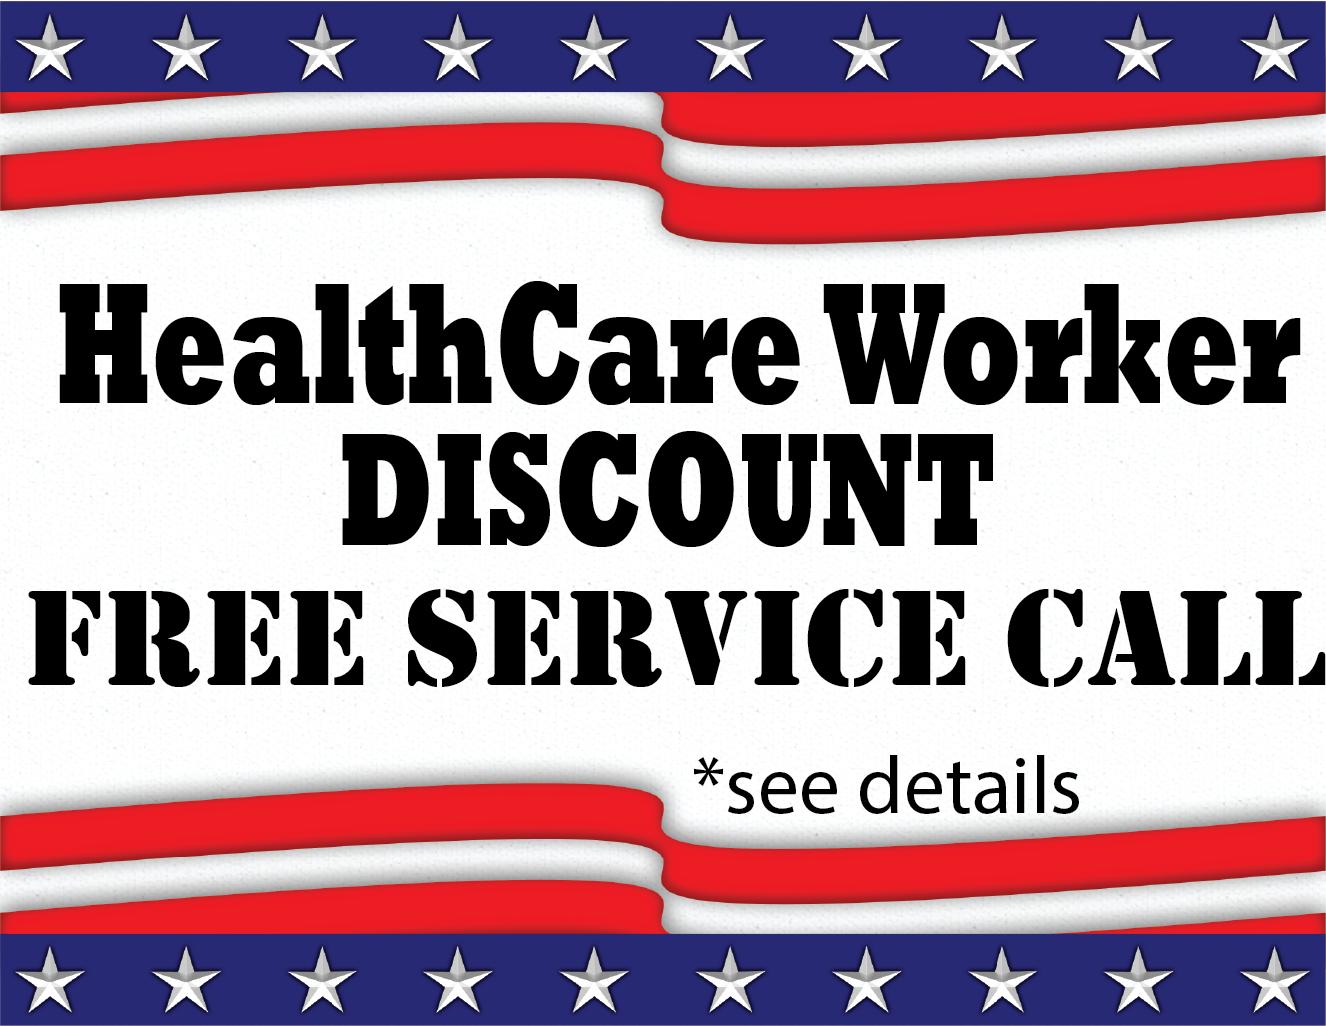 Healthcare Worker Discount